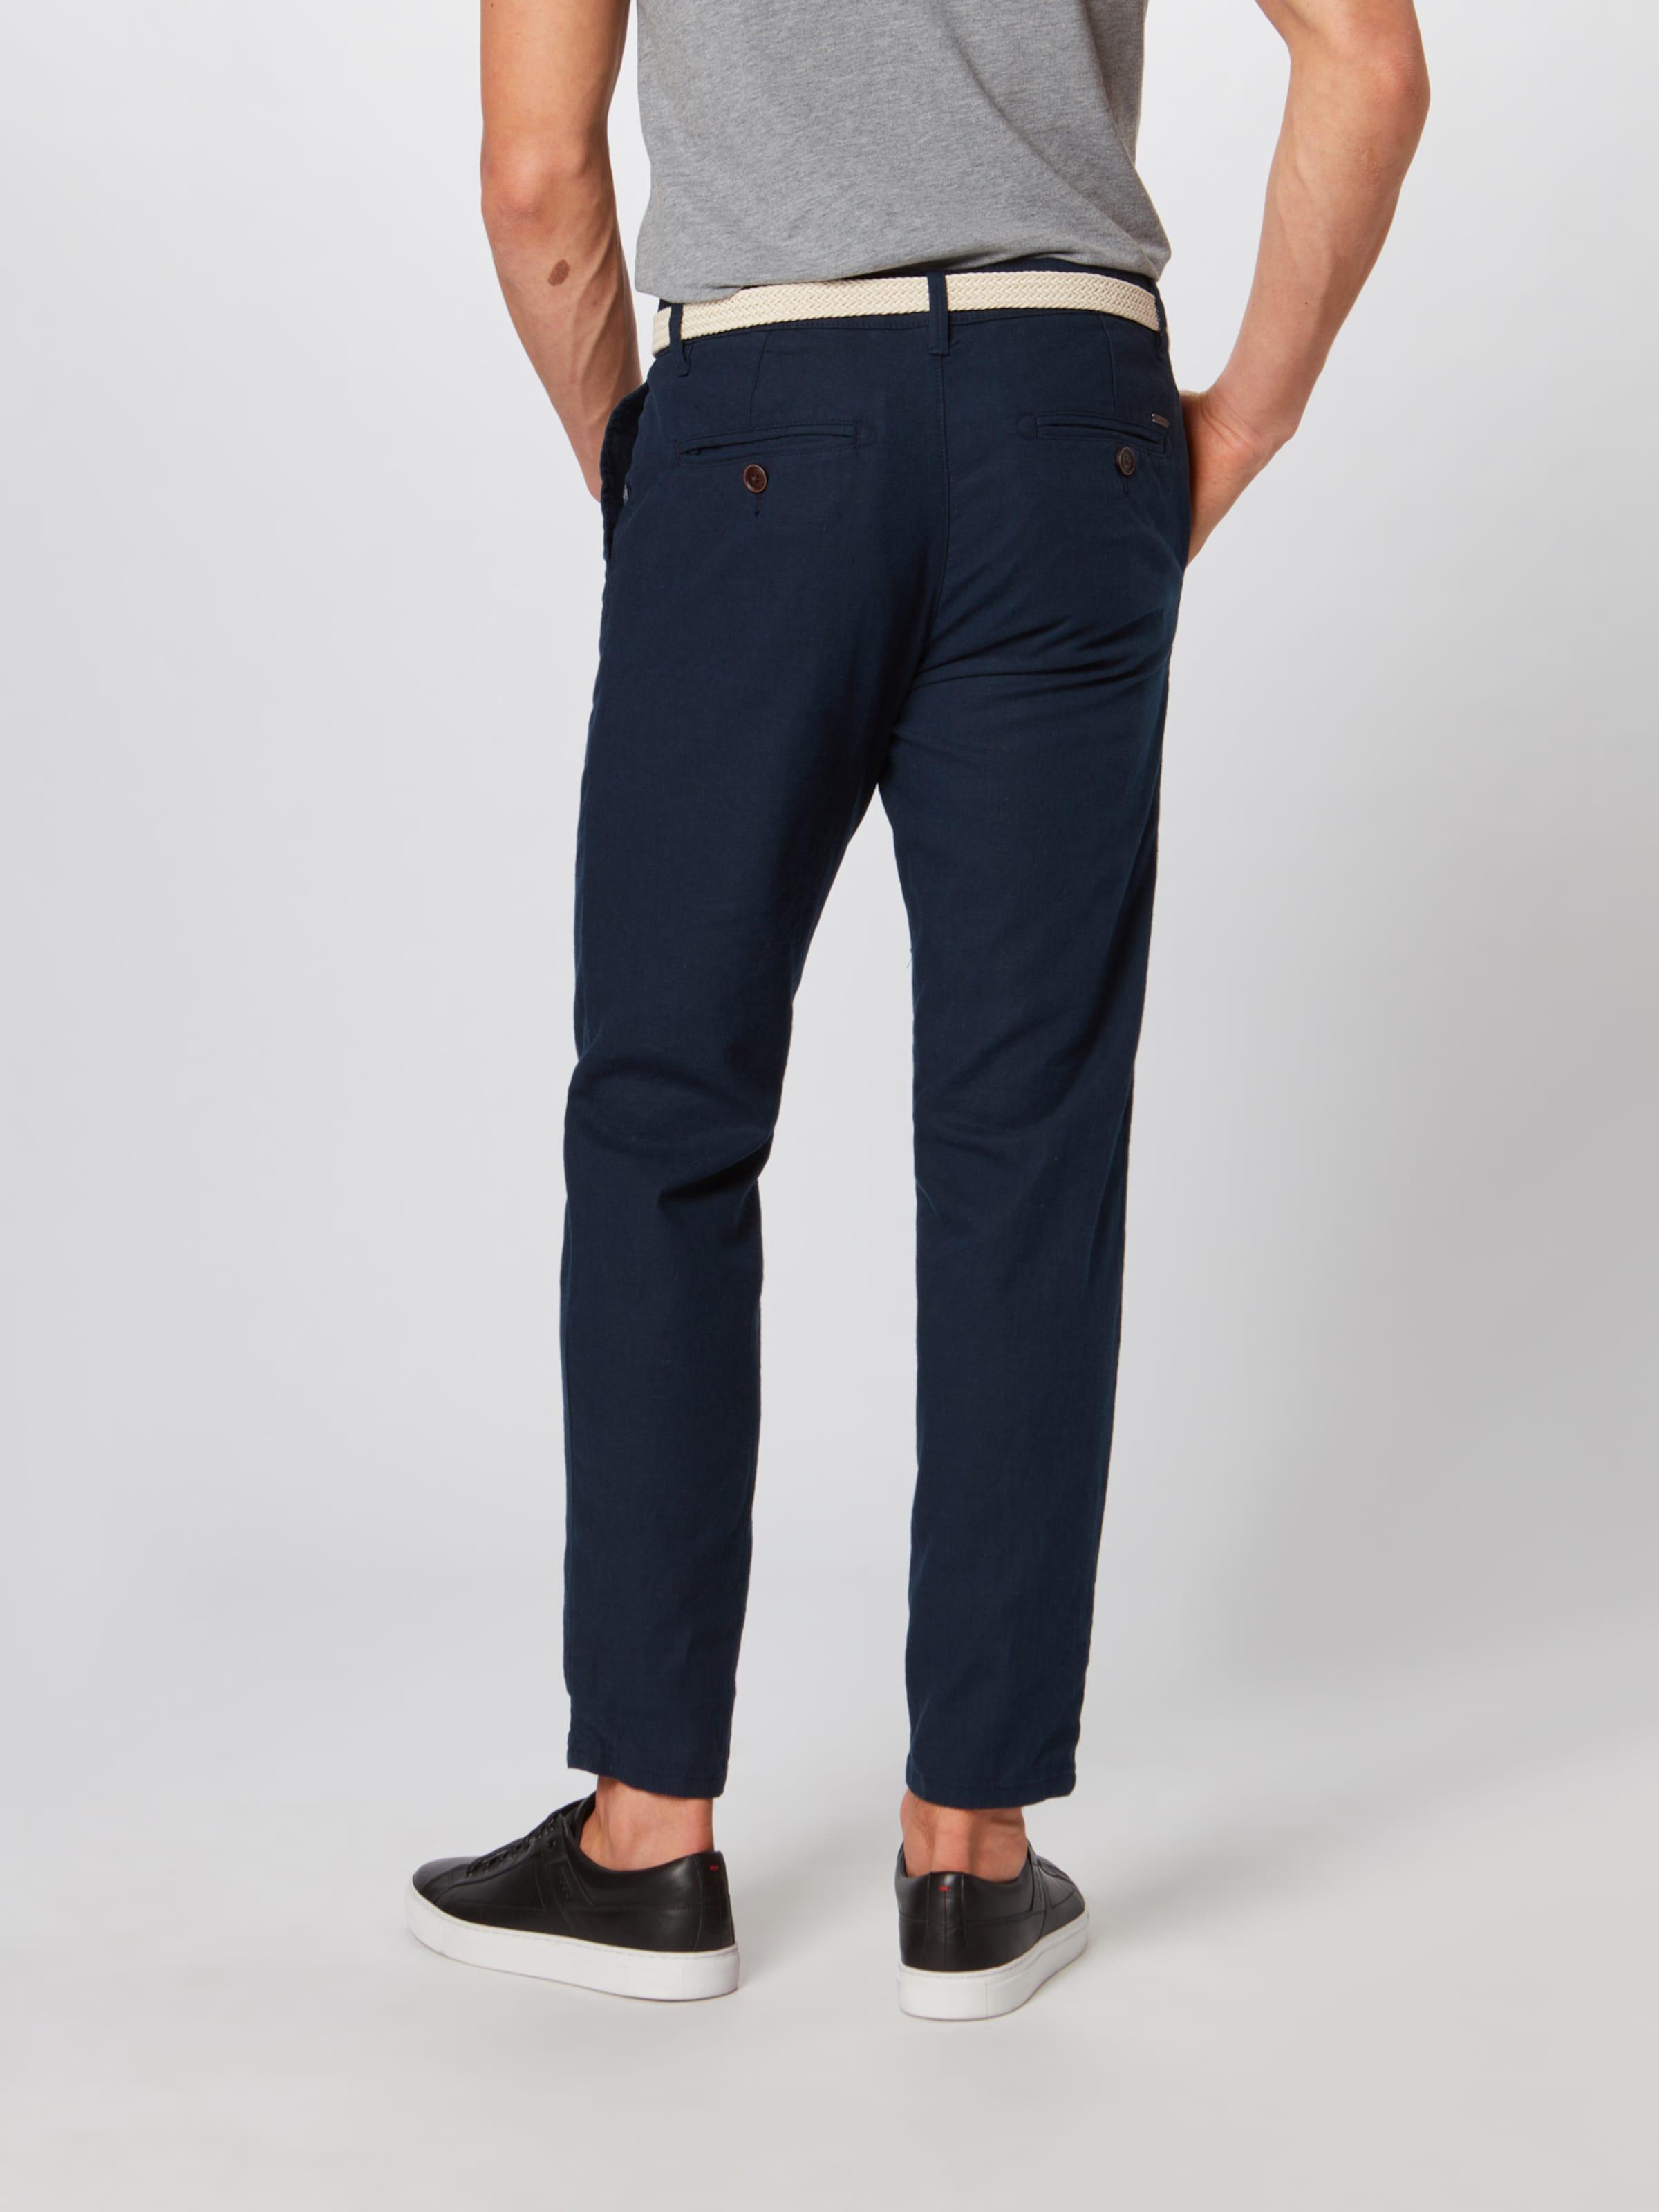 Pantalon Bleu En Esprit Chino Marine dCoQerxBW